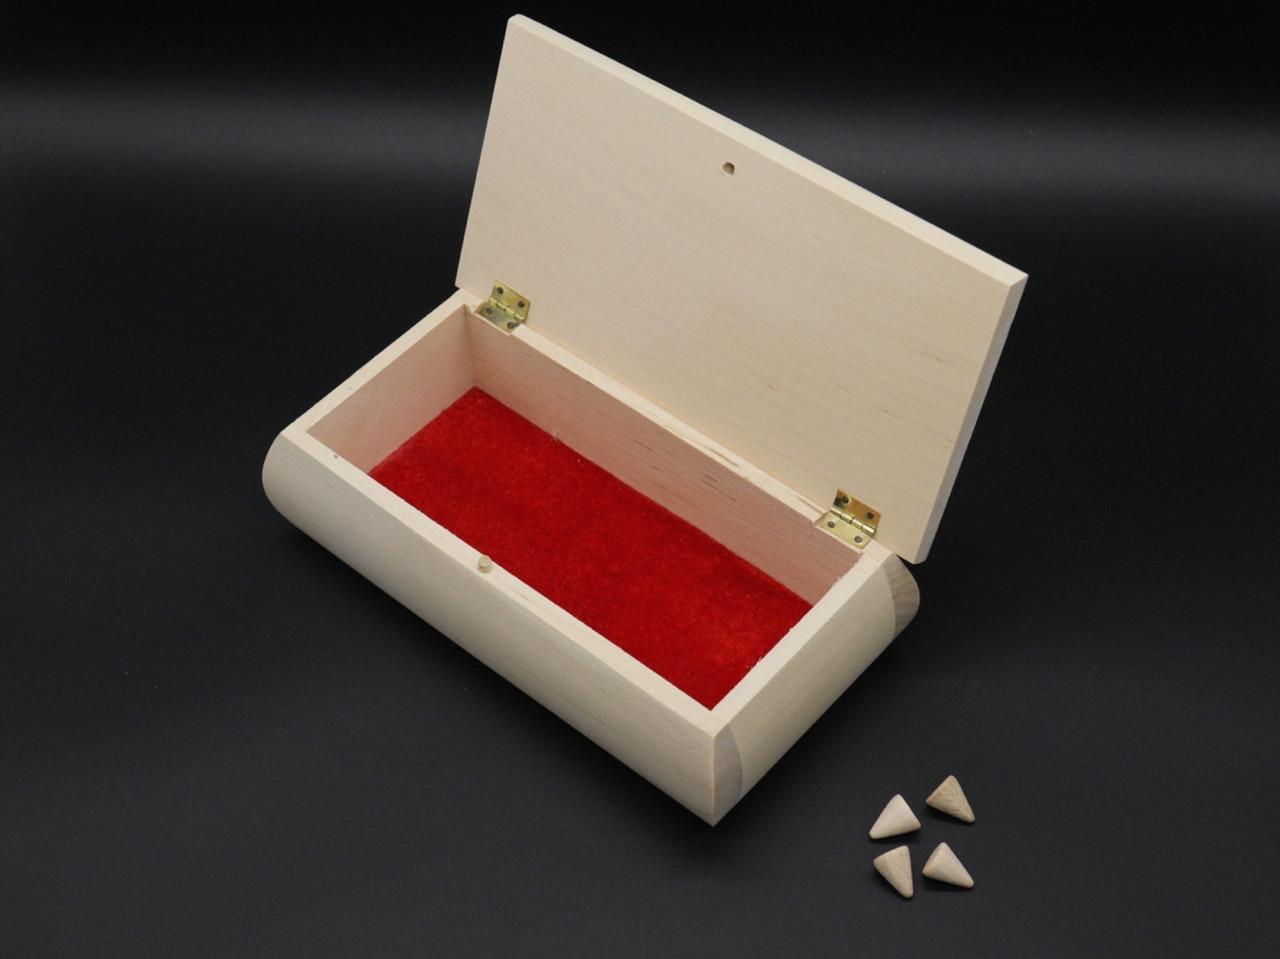 Скринька для декупажу, розпису 21х11х7см. + фурнітура.